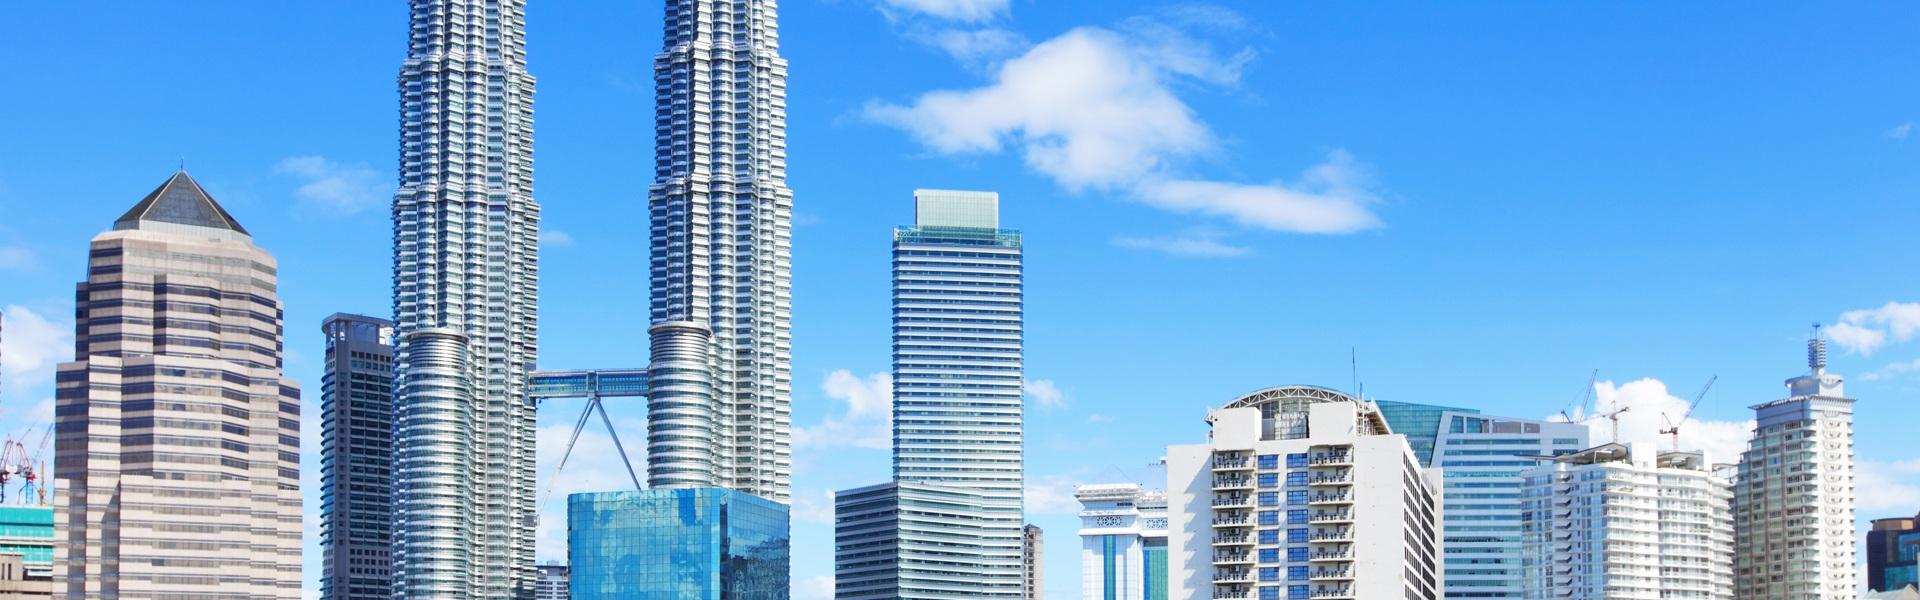 Malaysia Australia Business Council